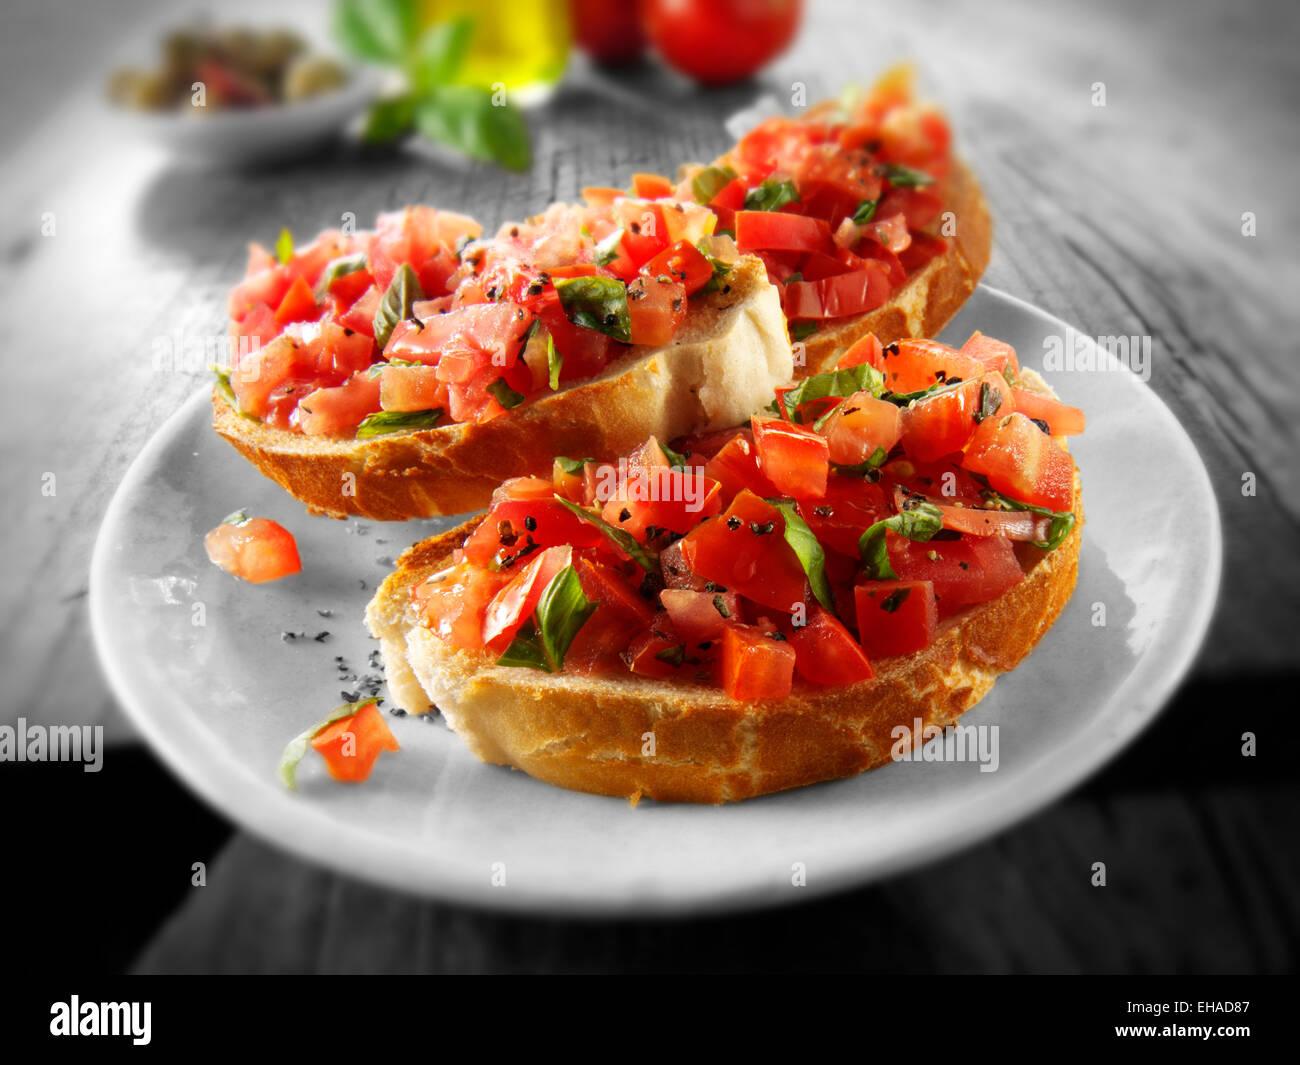 Tritato fresco bistecca di manzo pomodoro bruschette Immagini Stock